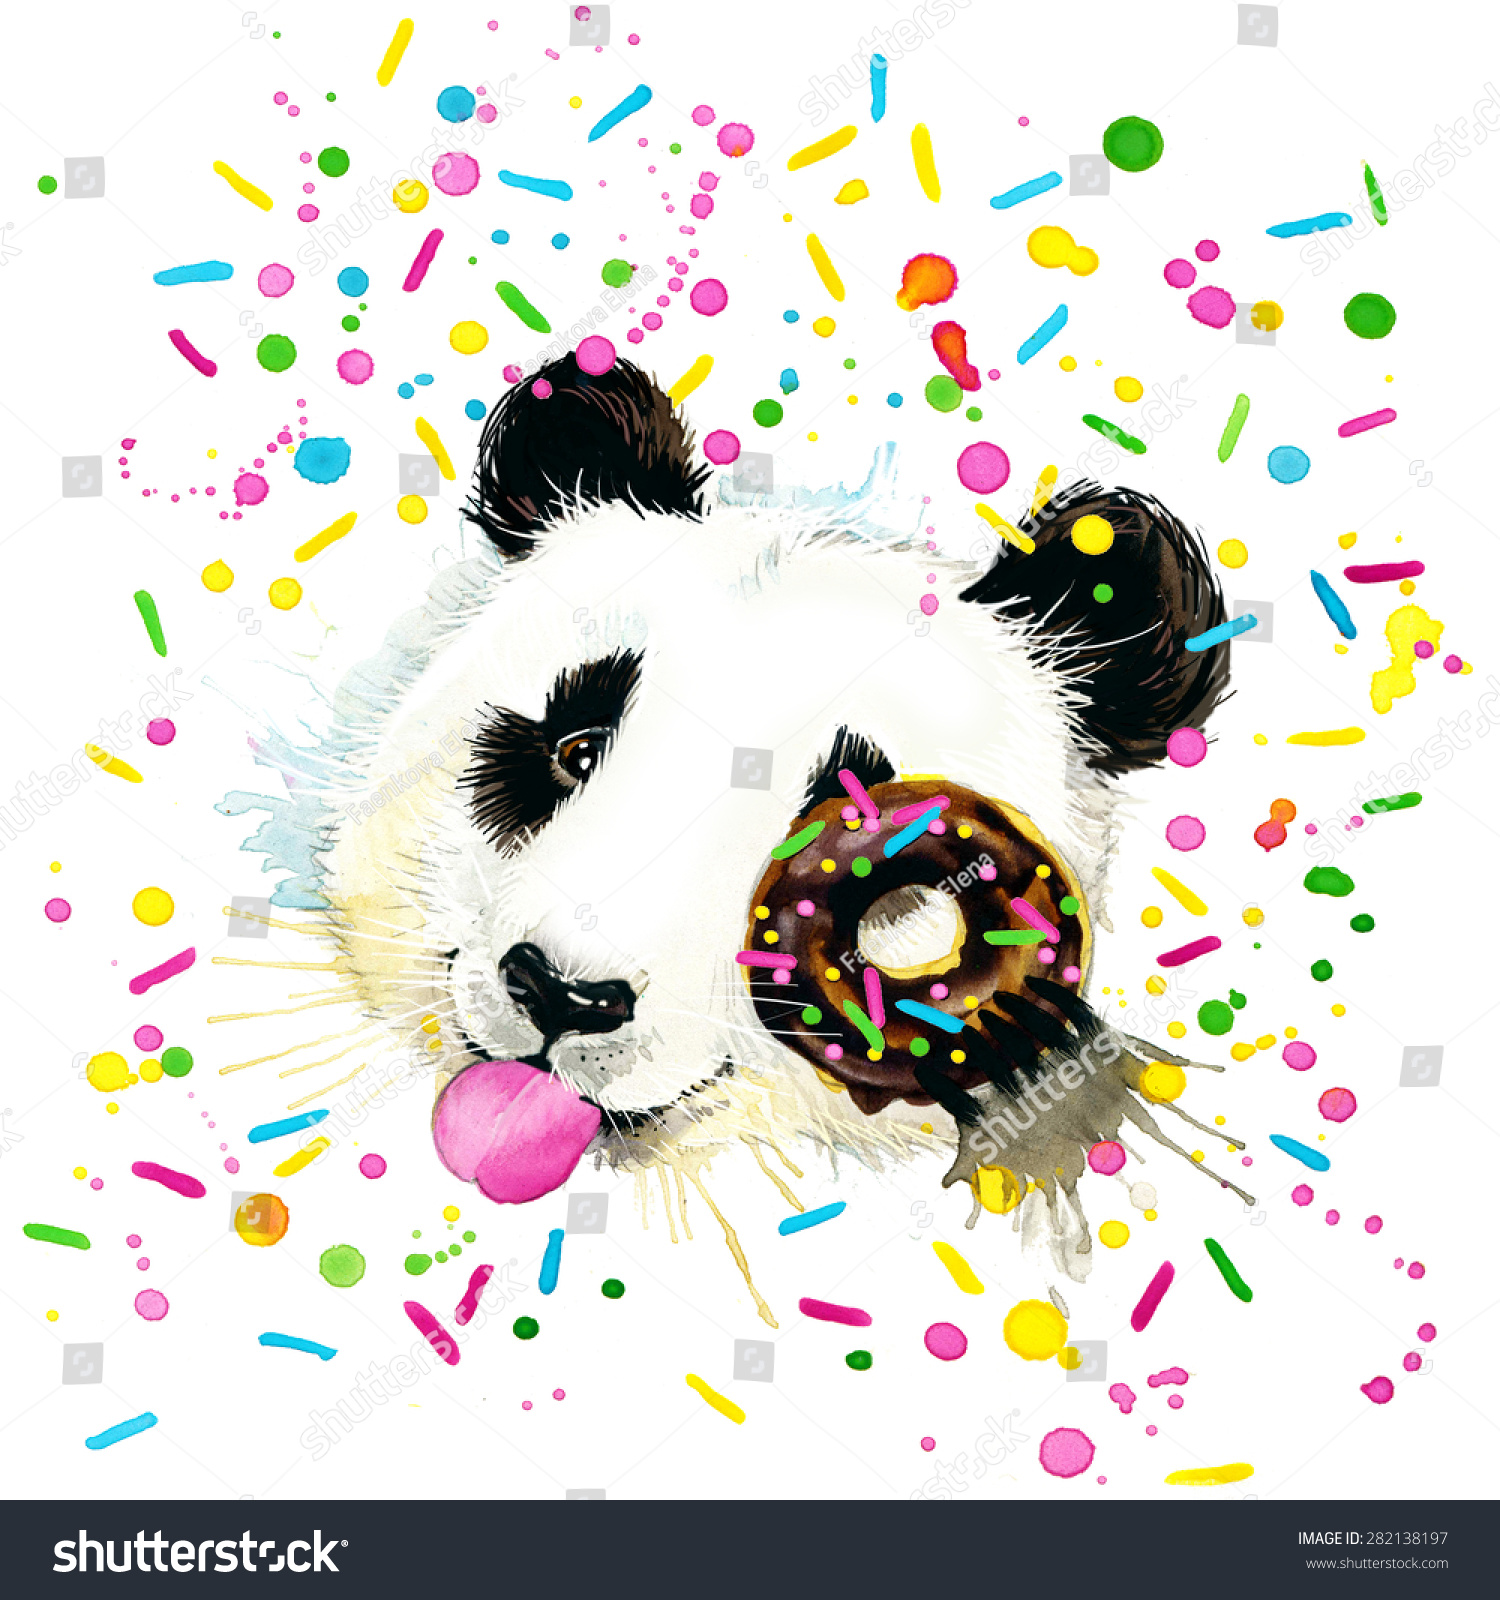 有趣的熊猫用水彩飞溅的背景-动物/野生生物,艺术-()